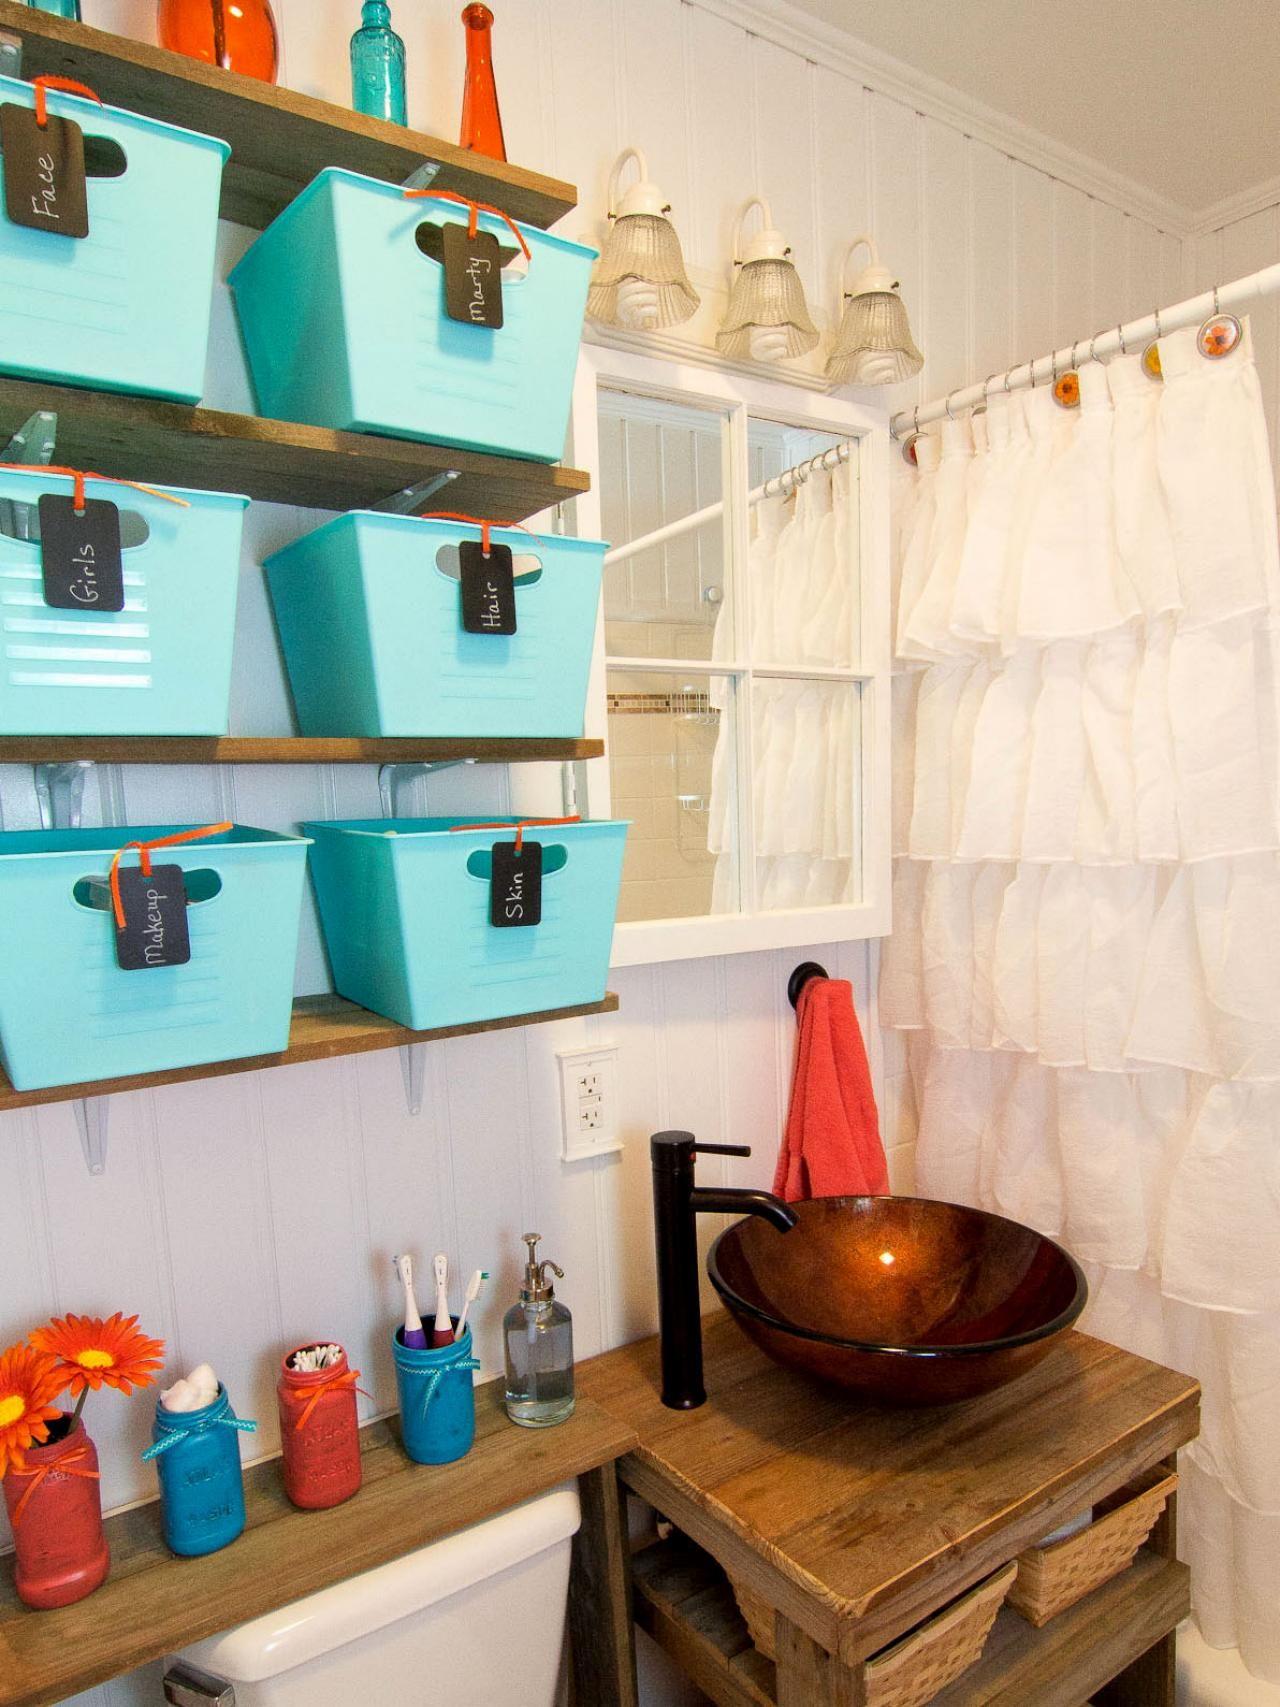 diy shelf ideas for bathroom%0A Big Ideas for Small Bathroom Storage